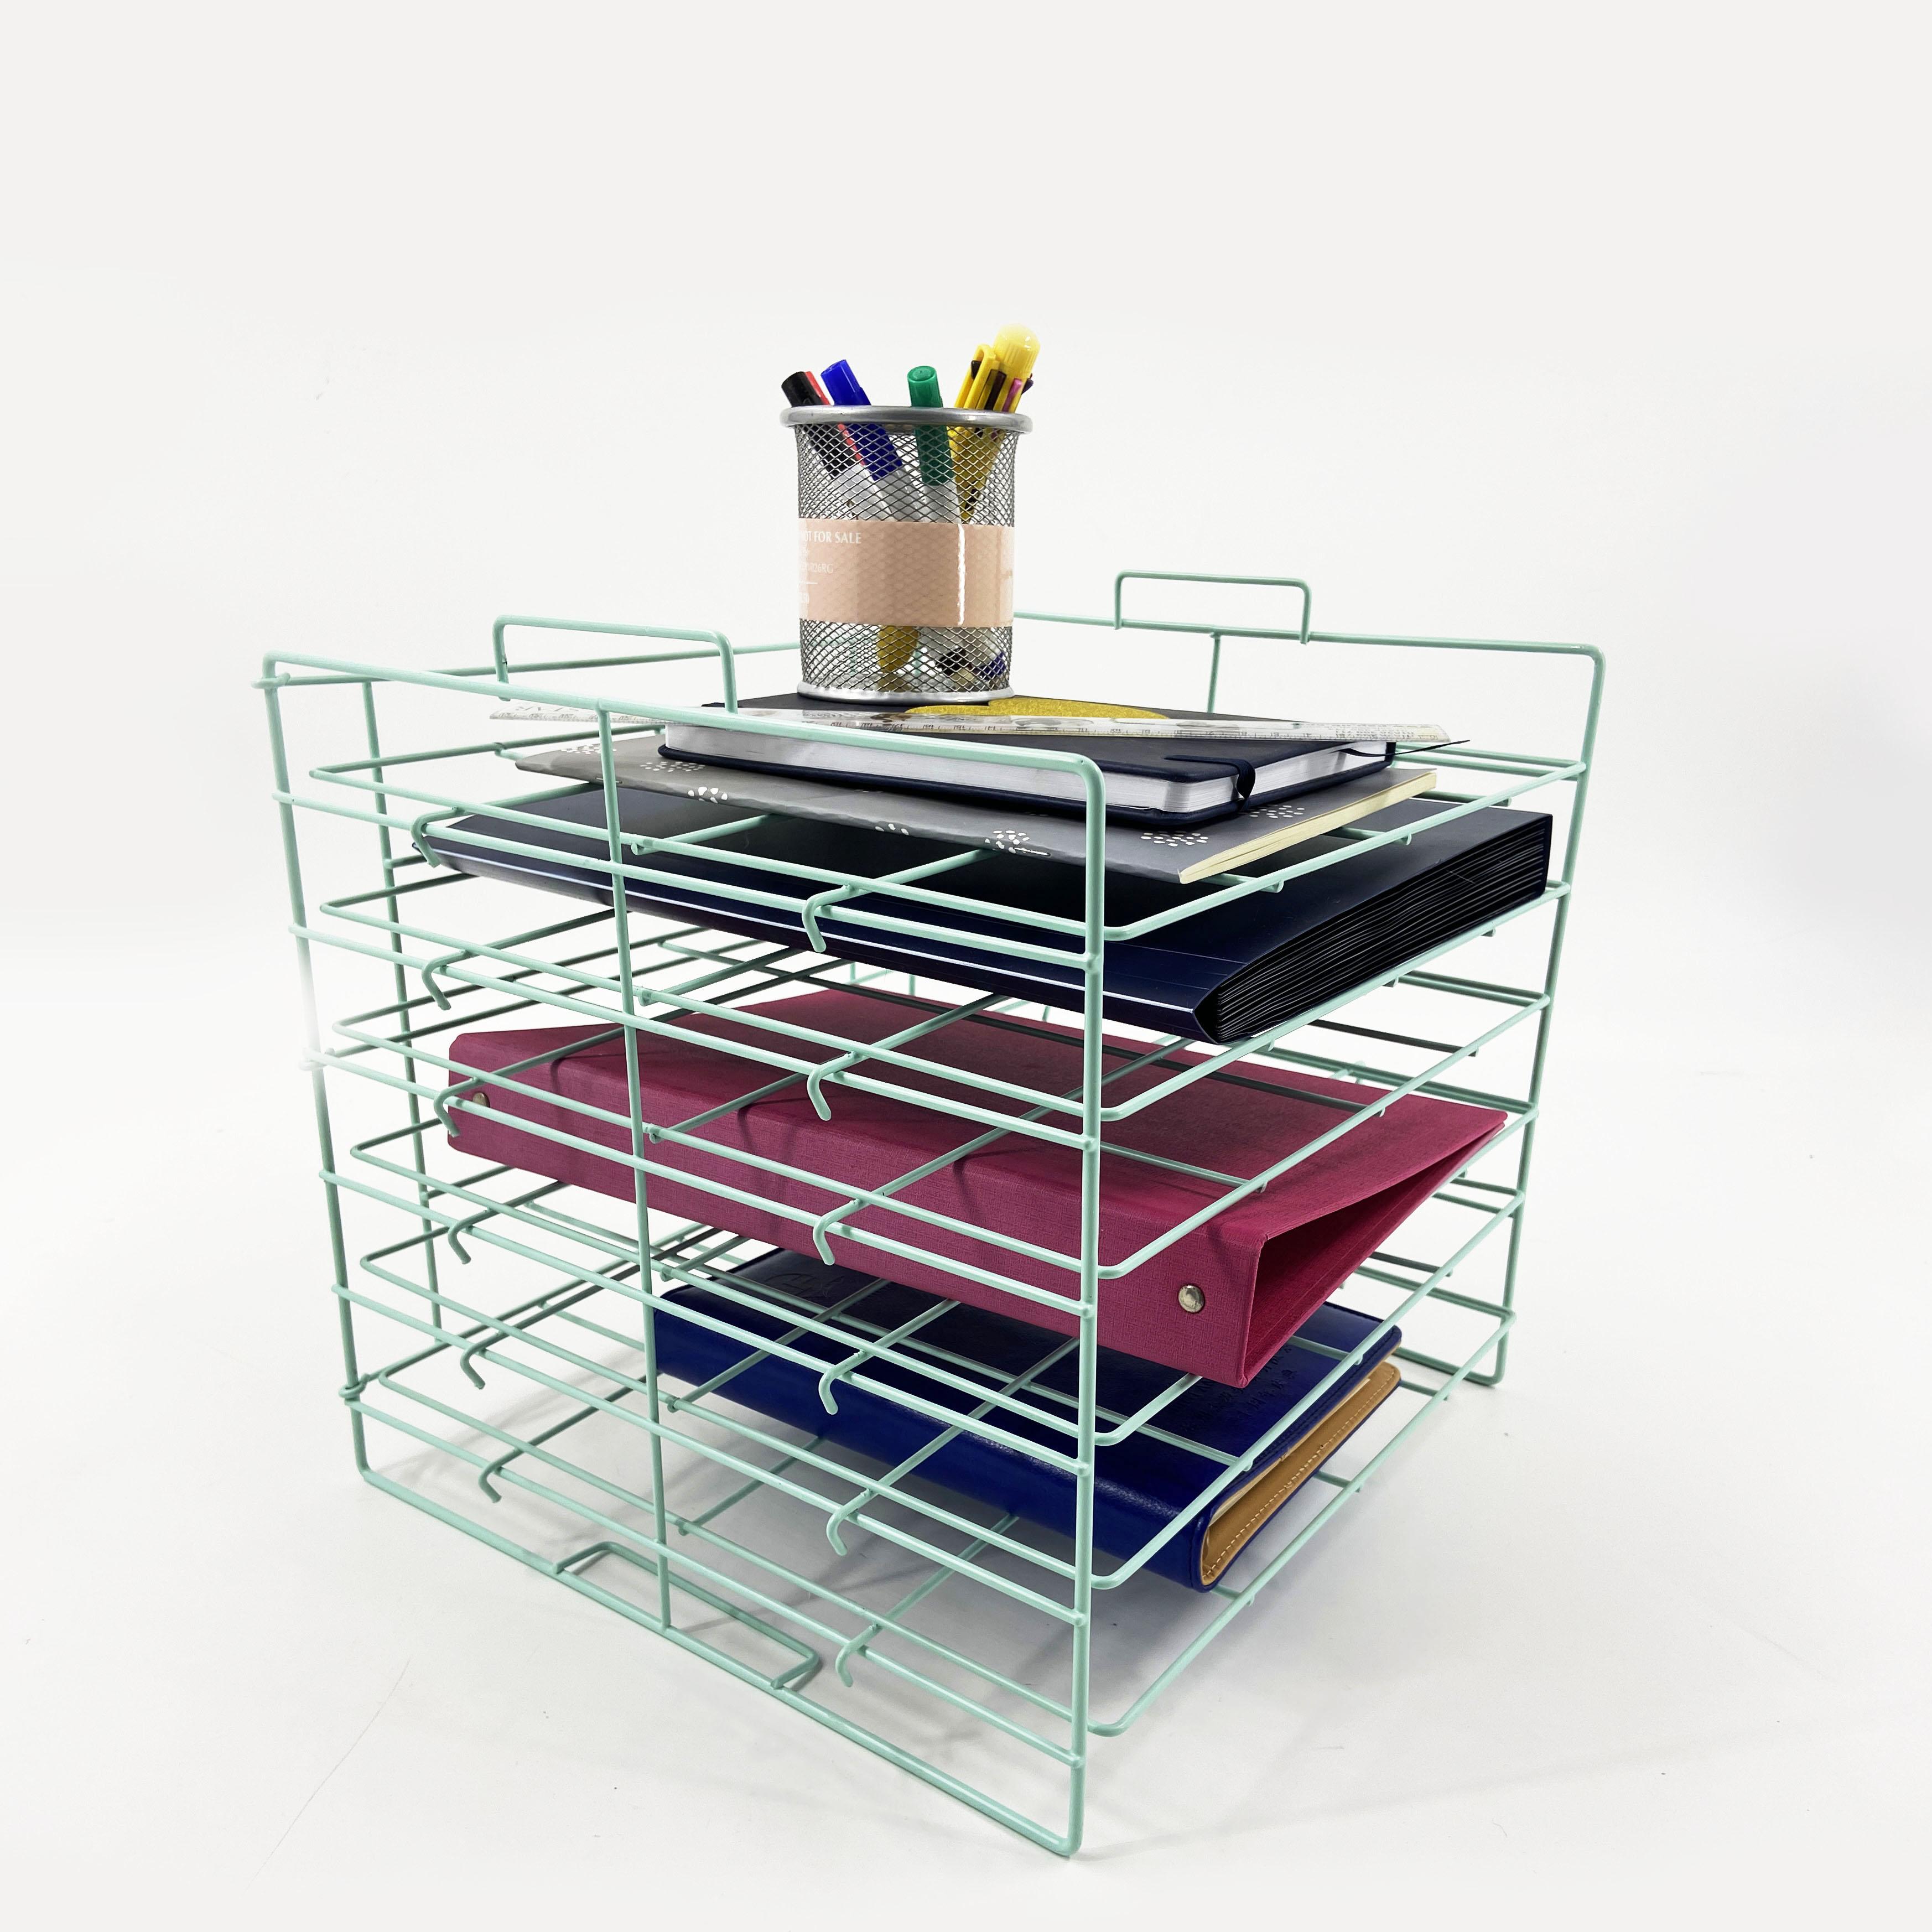 Классный провод типа «гармошка» Корзина карты вертикальный портативный стол сетчатый Файл Организатор